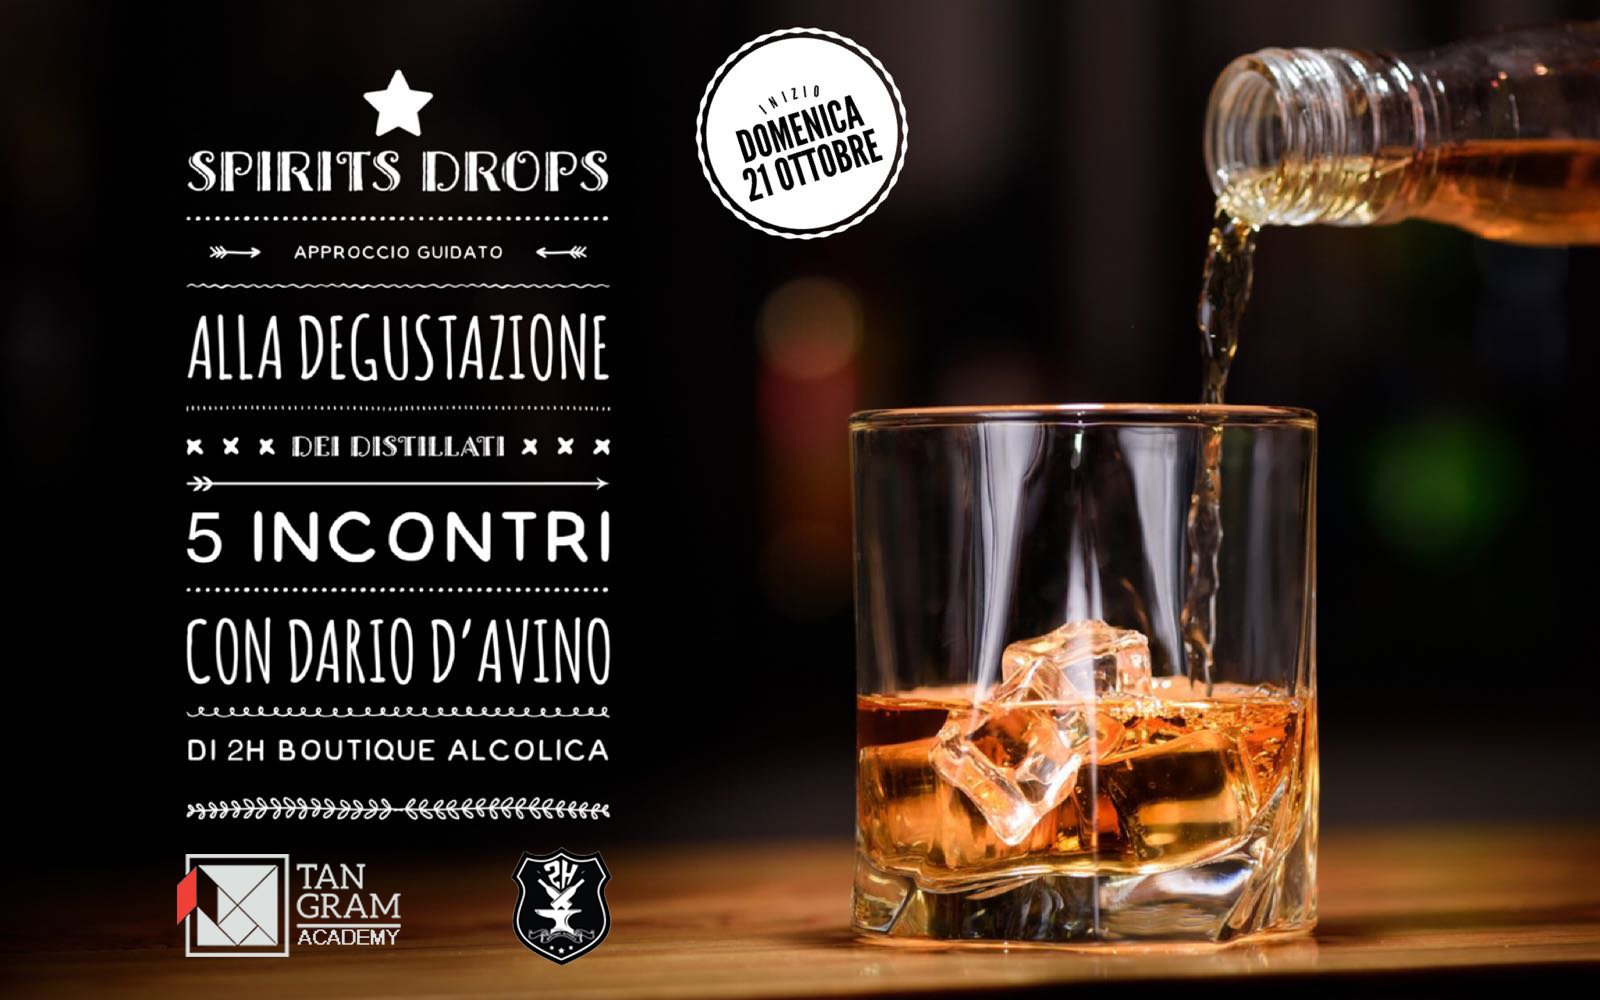 Spirits' Drops - approccio guidato alla degustazione di distillati